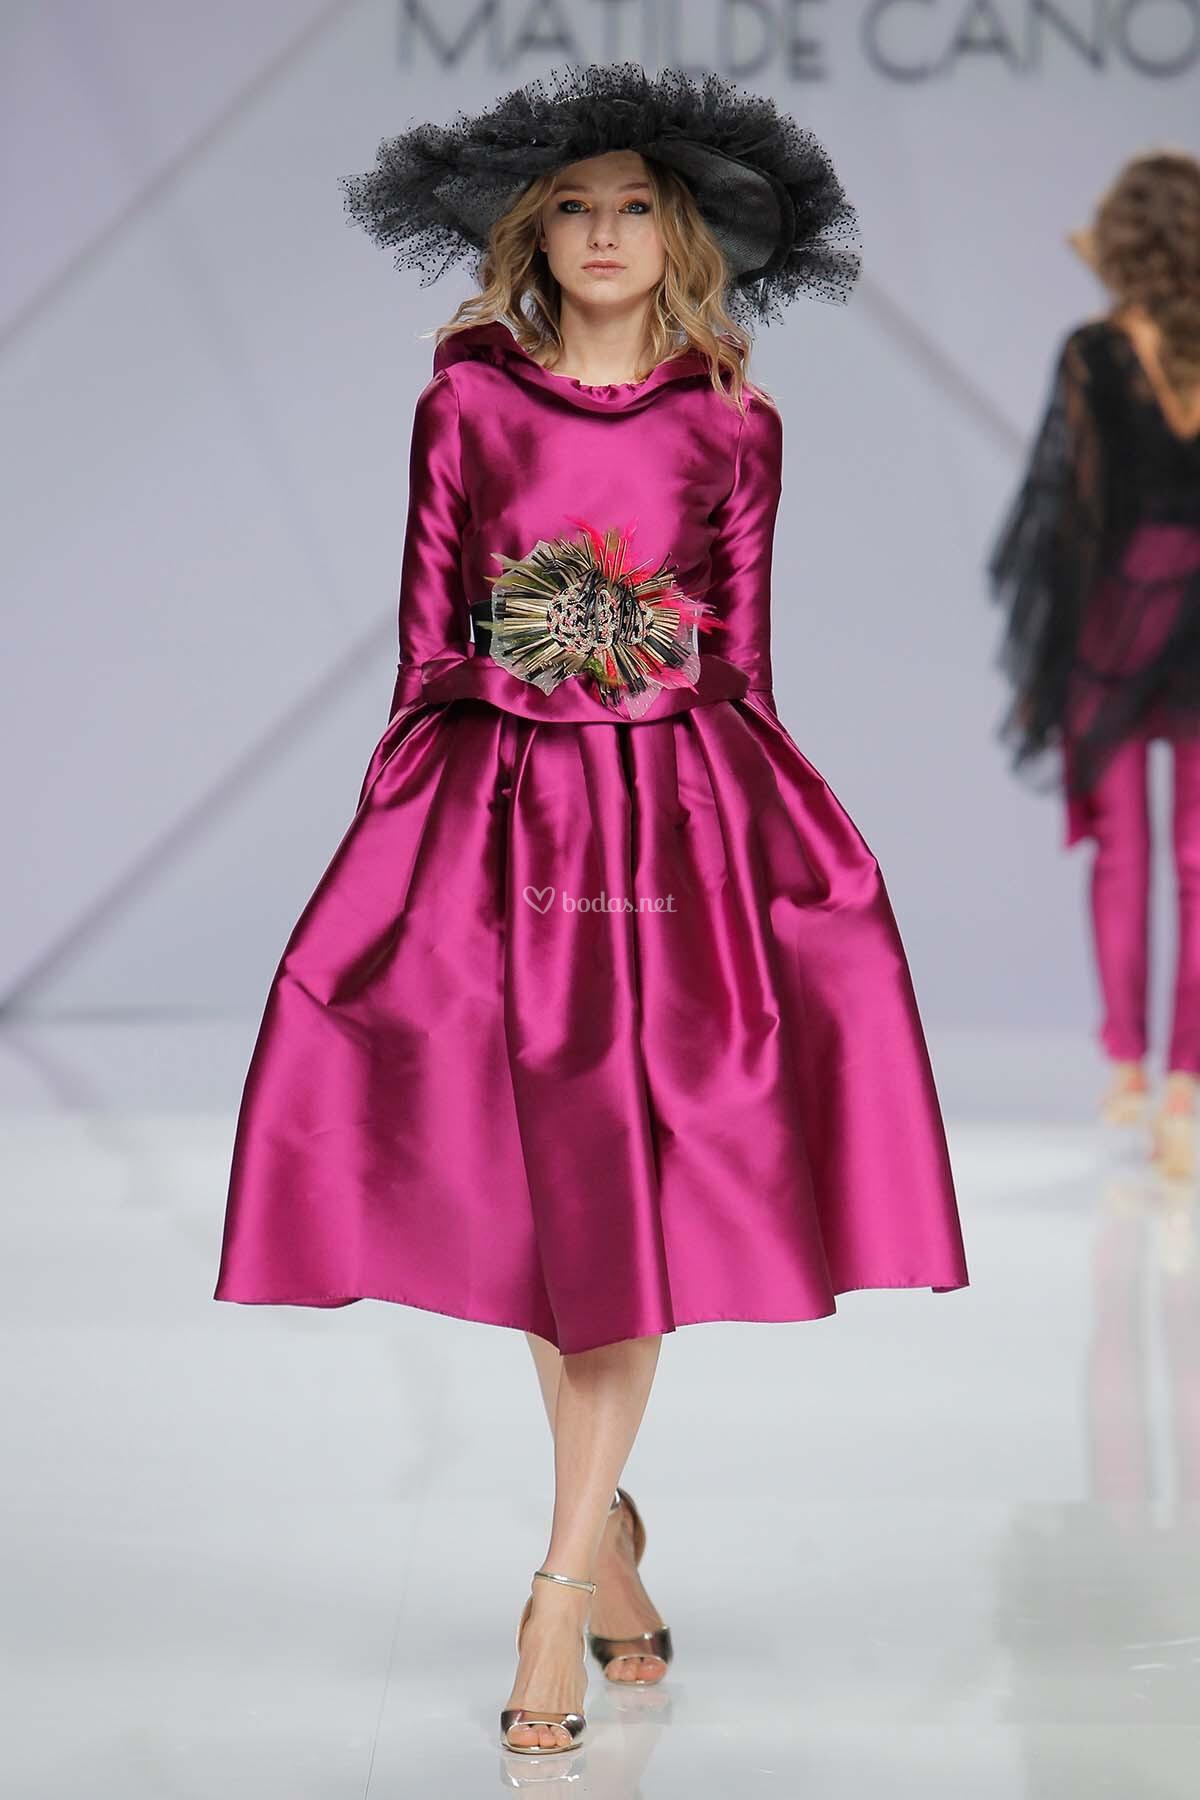 Dorable Melbourne Corto Vestidos De Novia Imágenes - Colección de ...